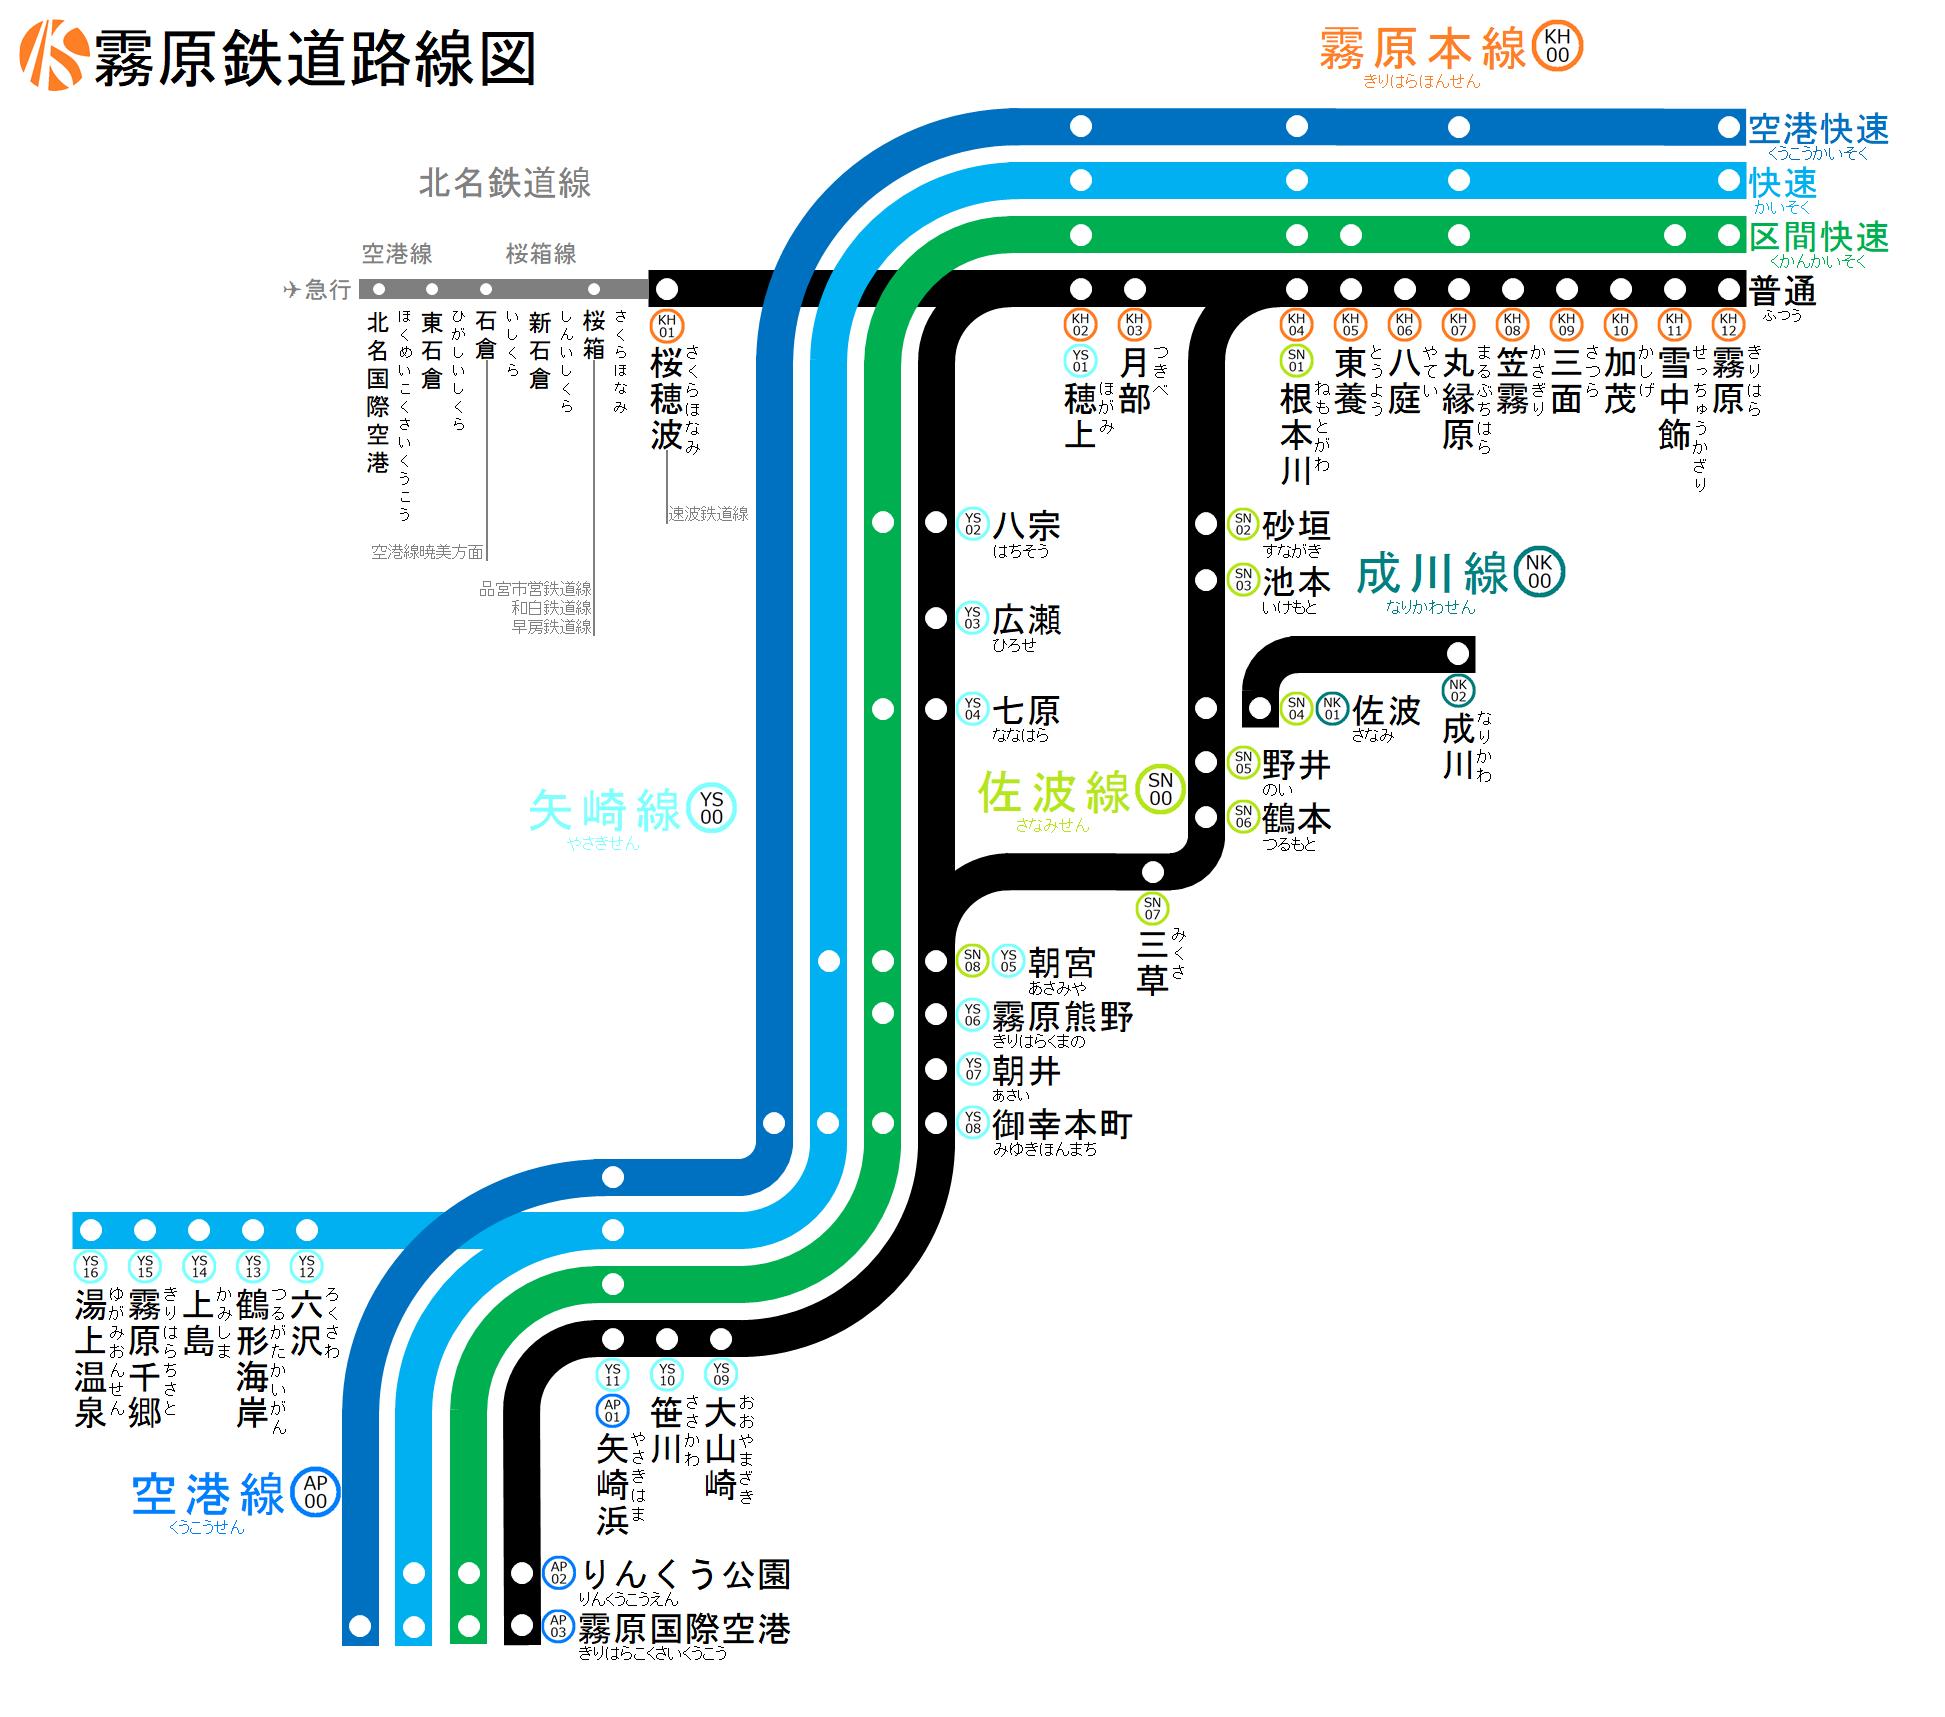 新霧原鉄道路線図_6.png